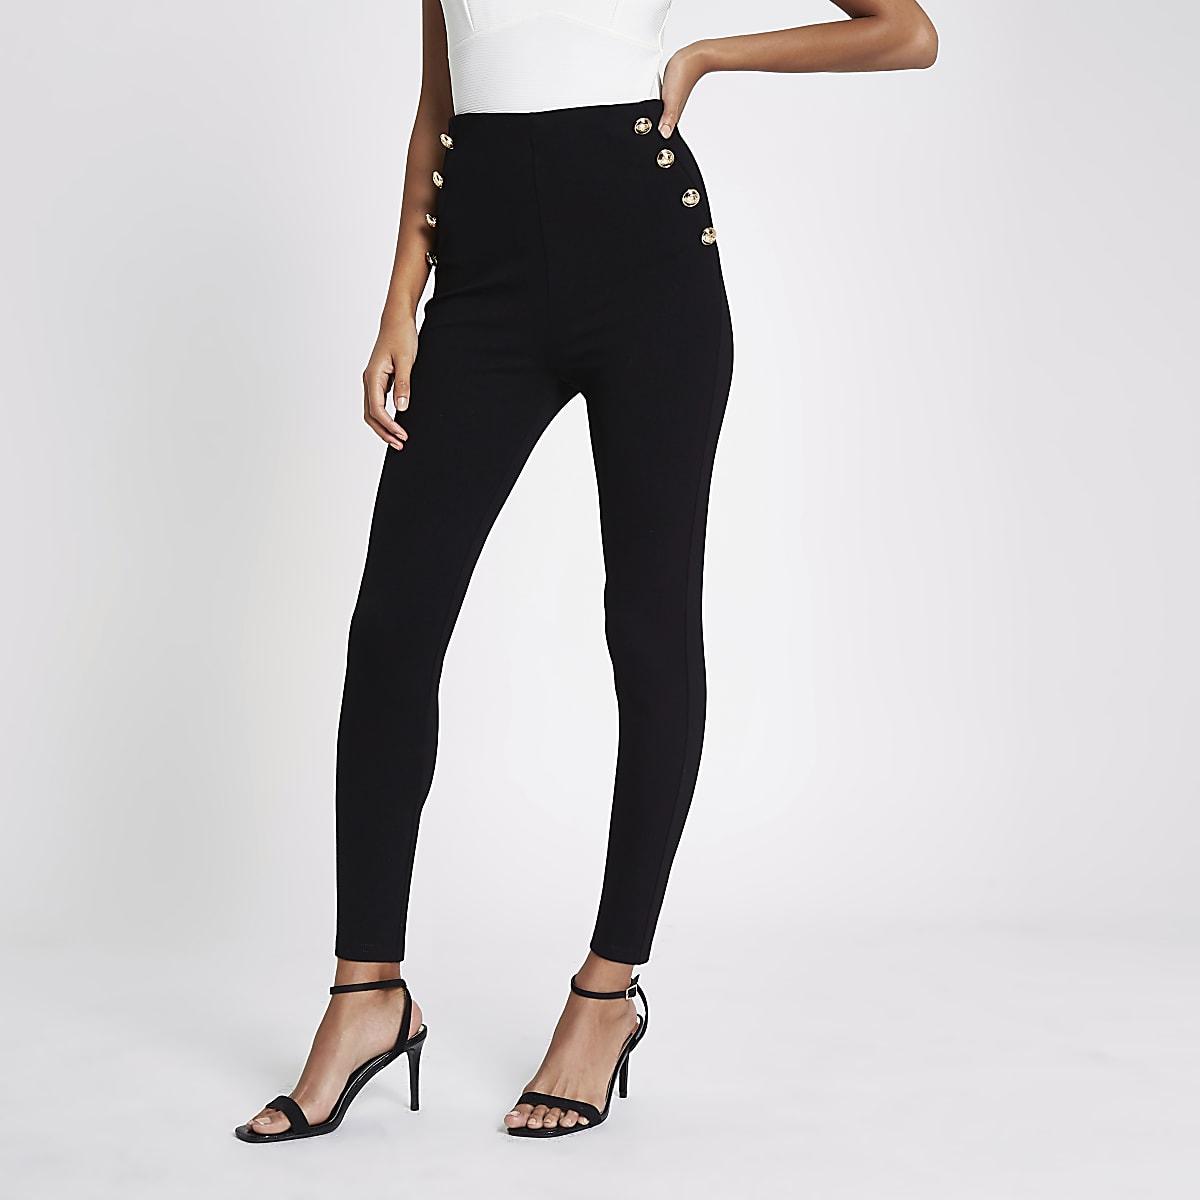 Black button front leggings